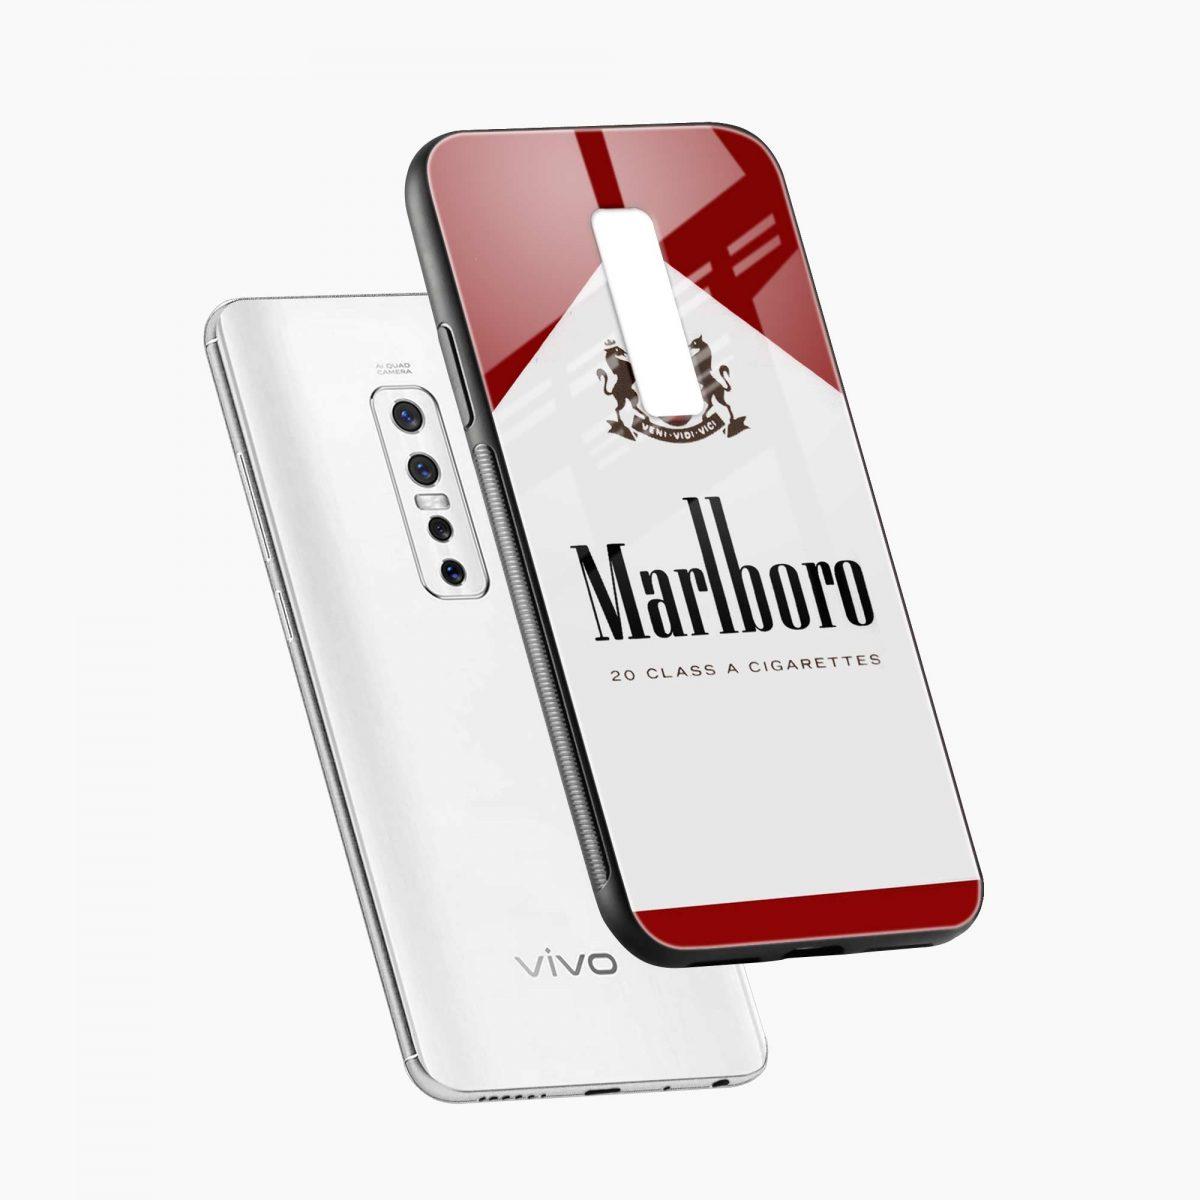 marlbor ciarette box diagonal view vivo v17 plug back cover